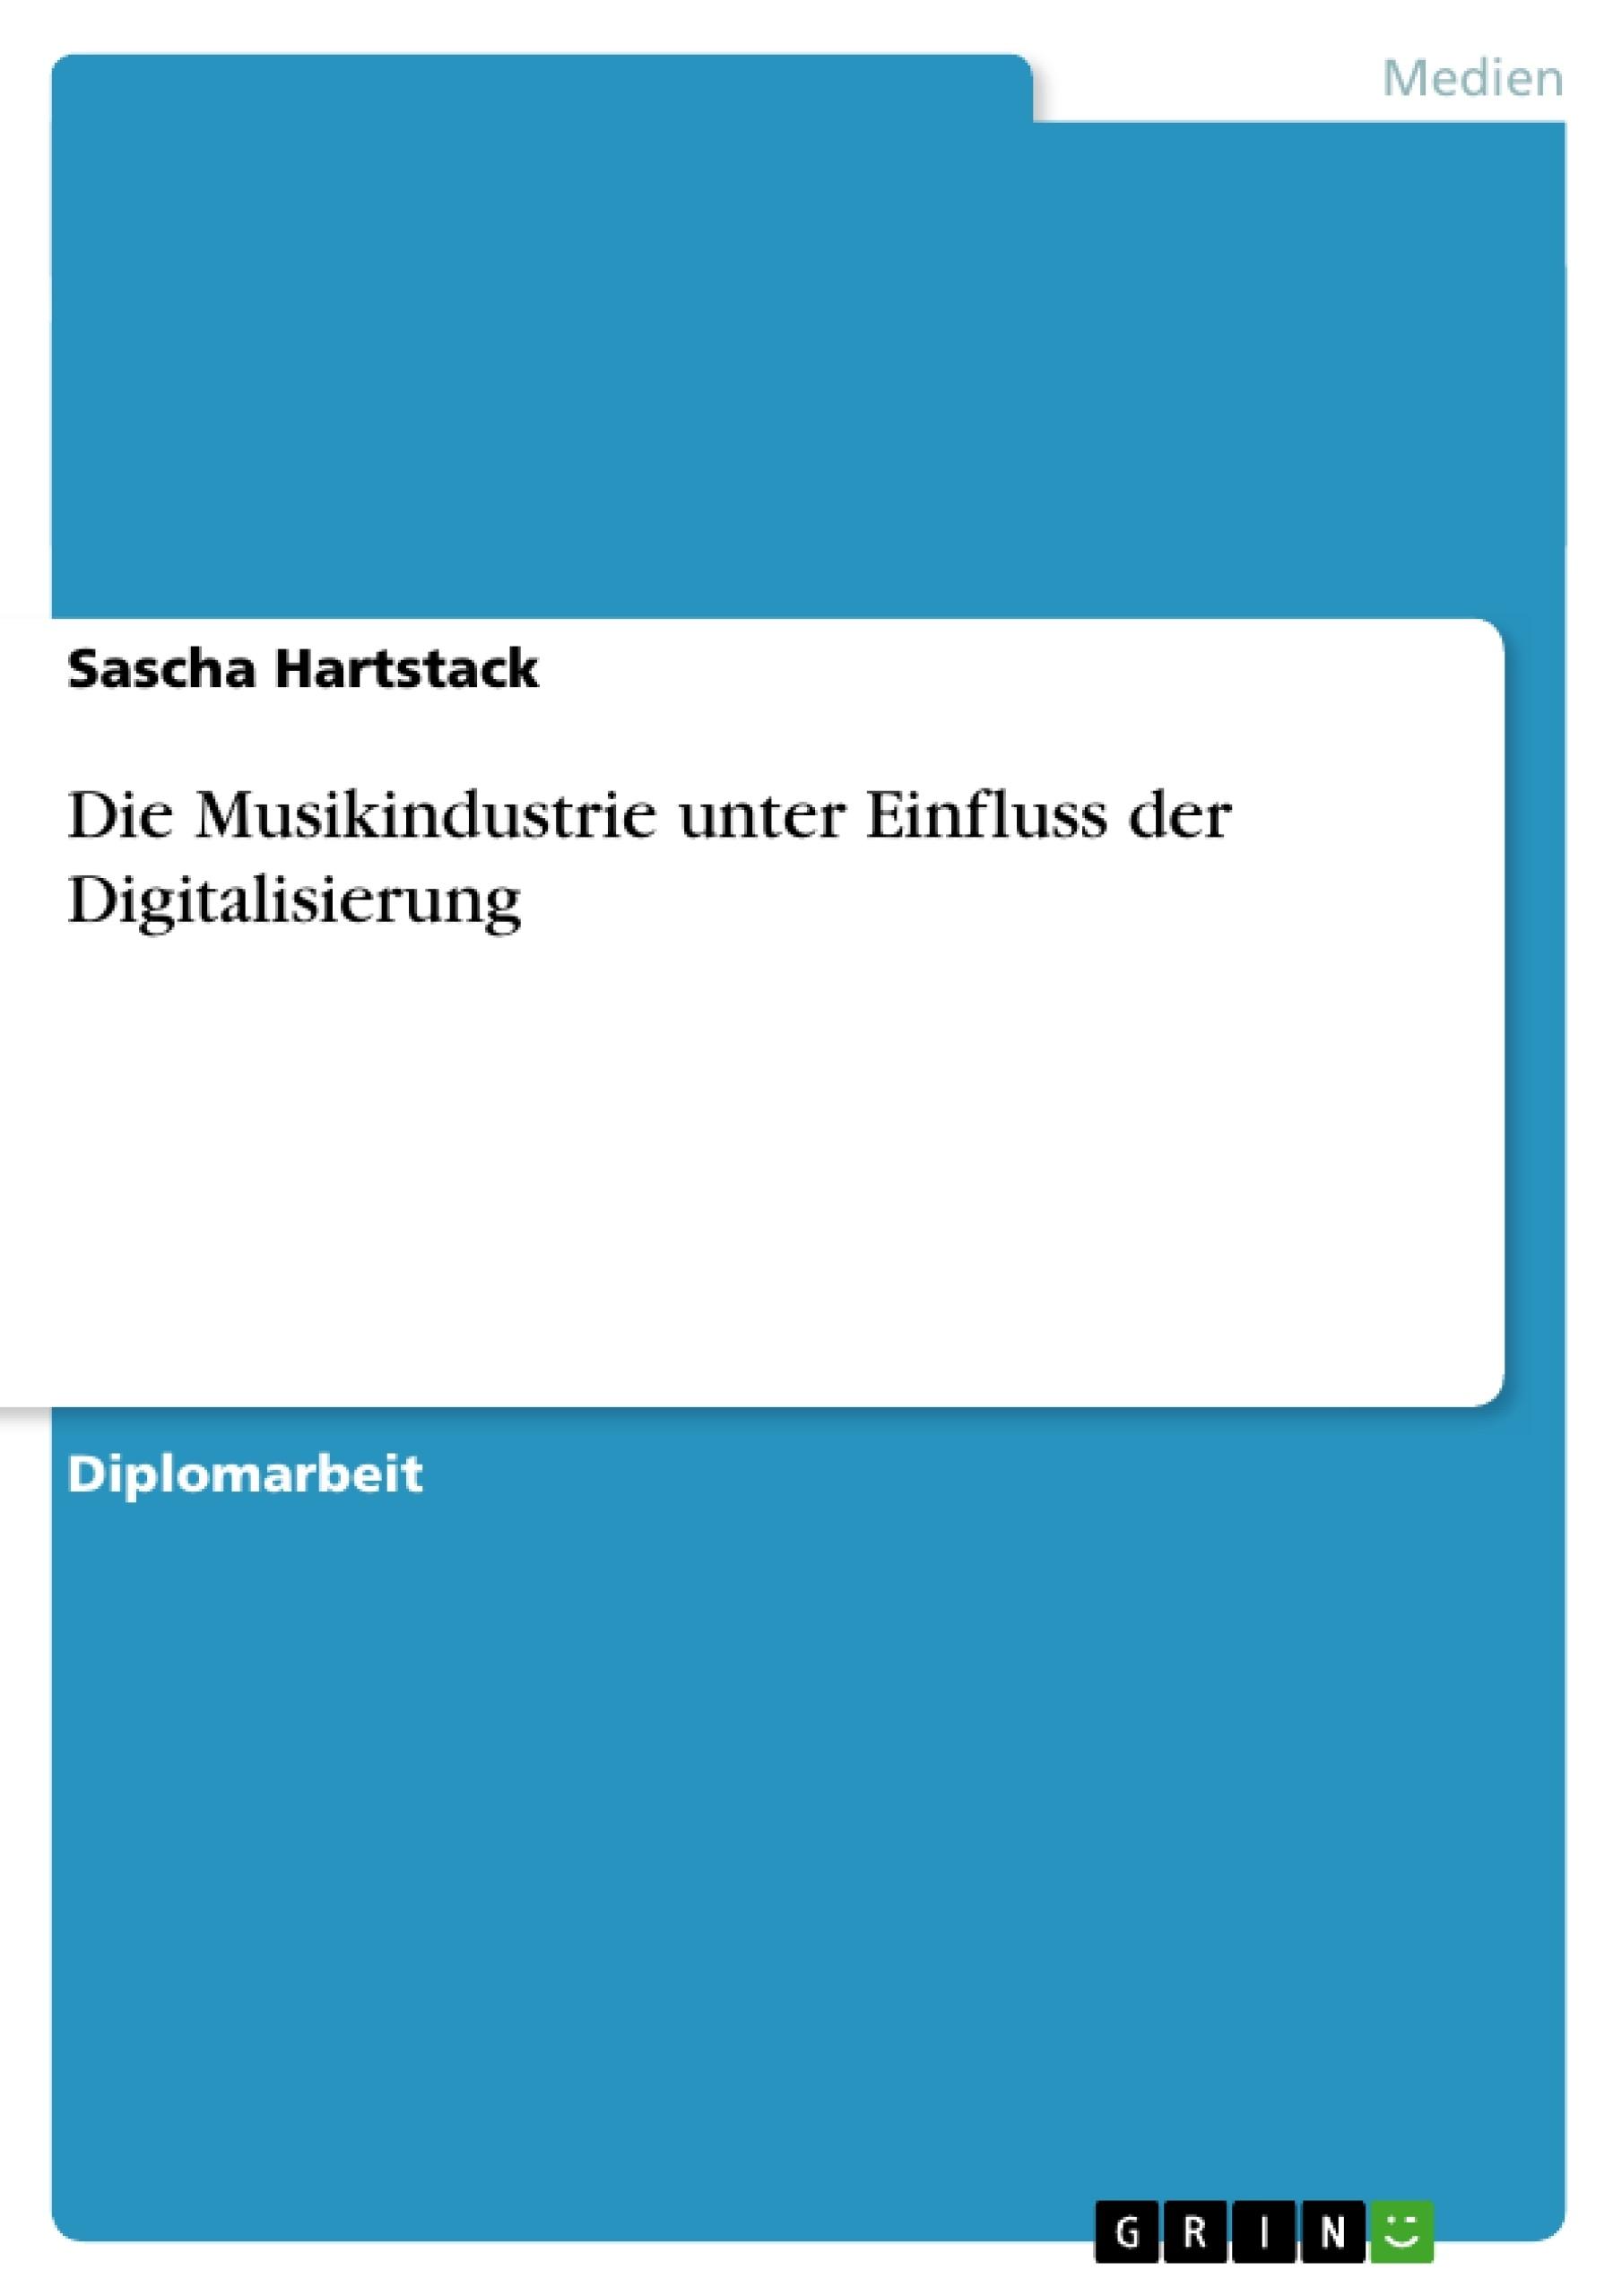 Titel: Die Musikindustrie unter Einfluss der Digitalisierung